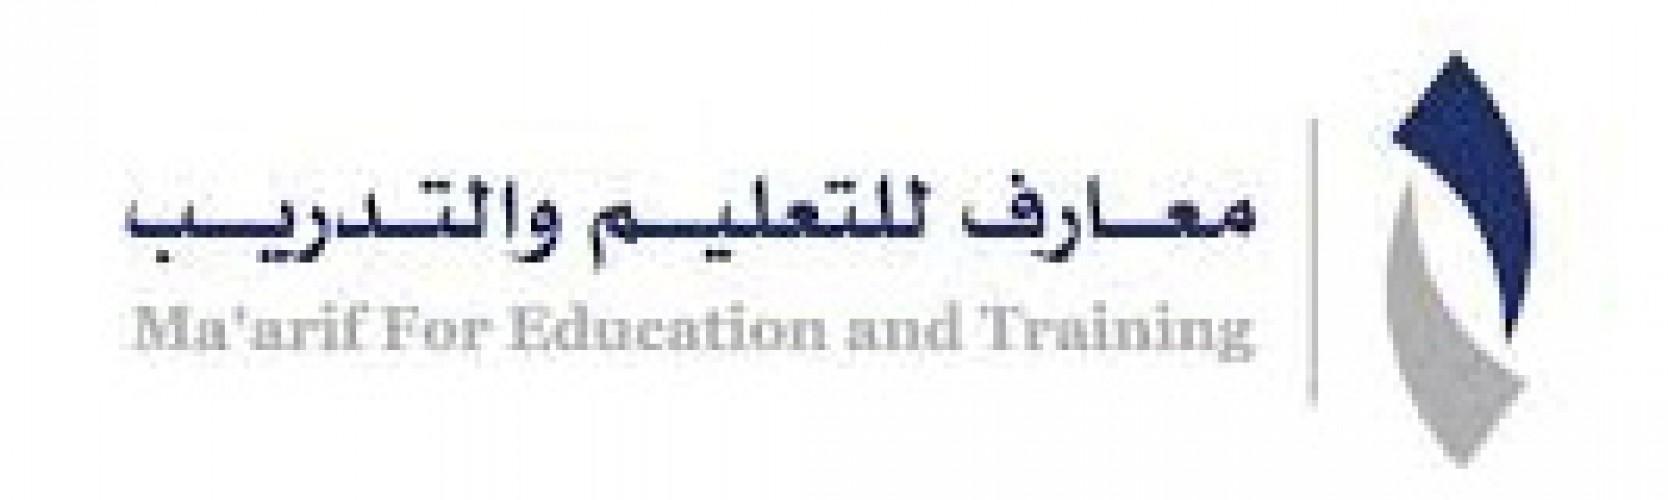 وظائف تقنية بشركة معارف التعليم والتدريب في الرياض